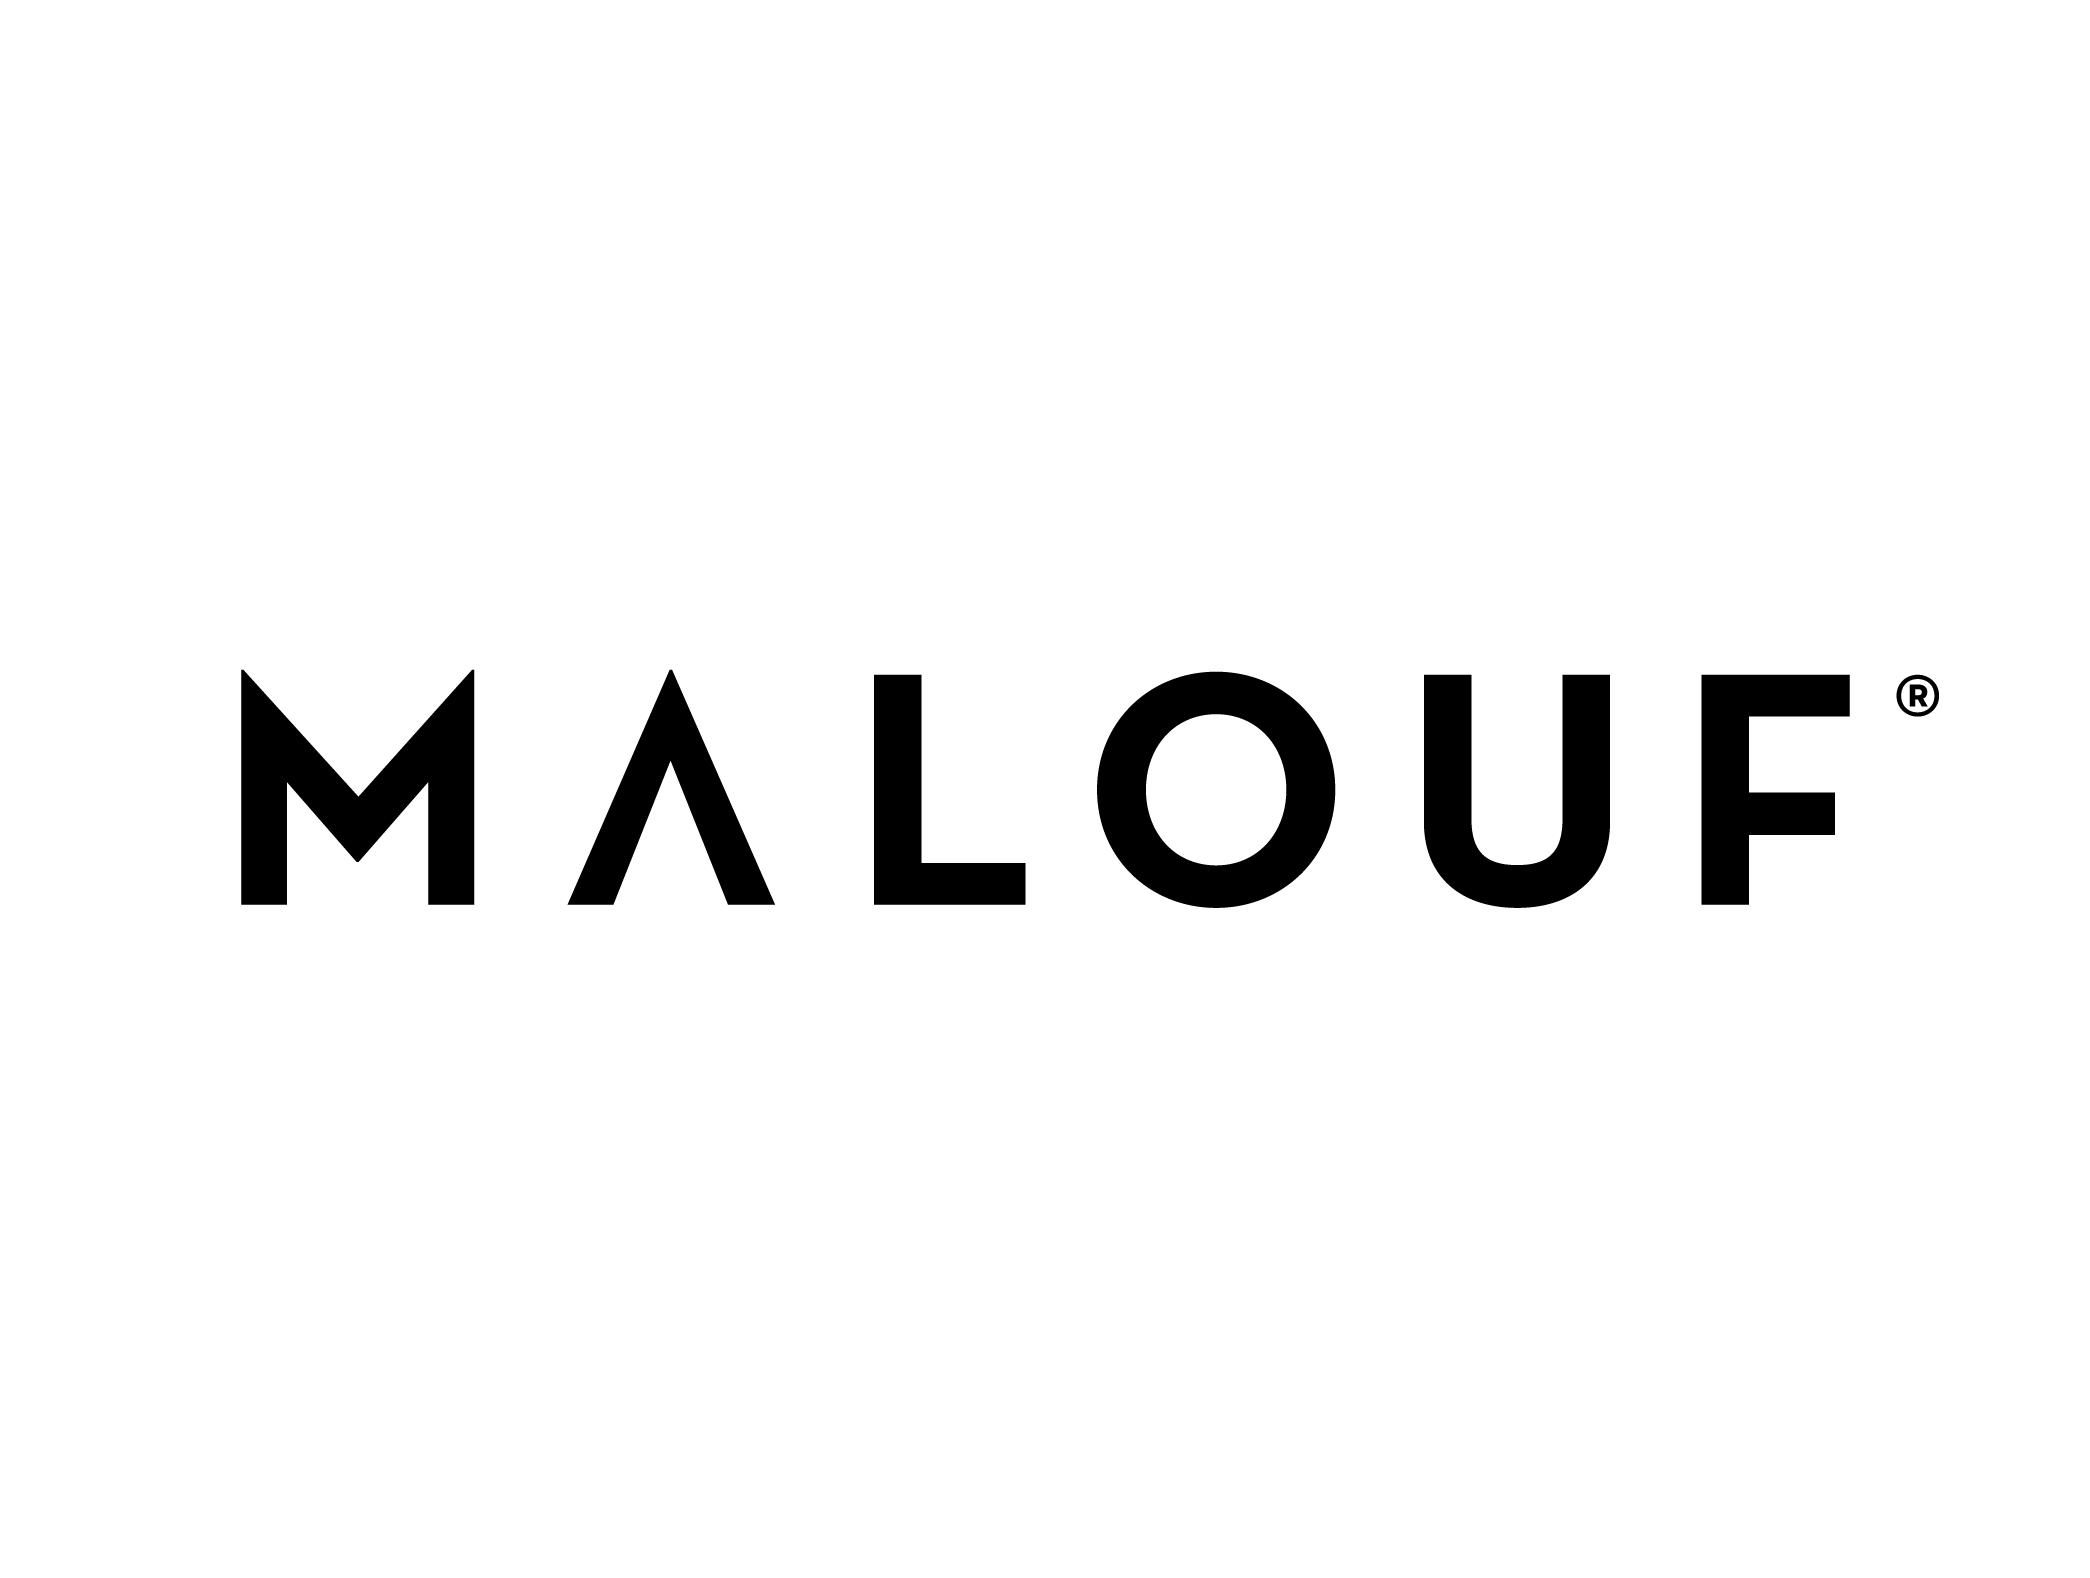 Malouf-01.png